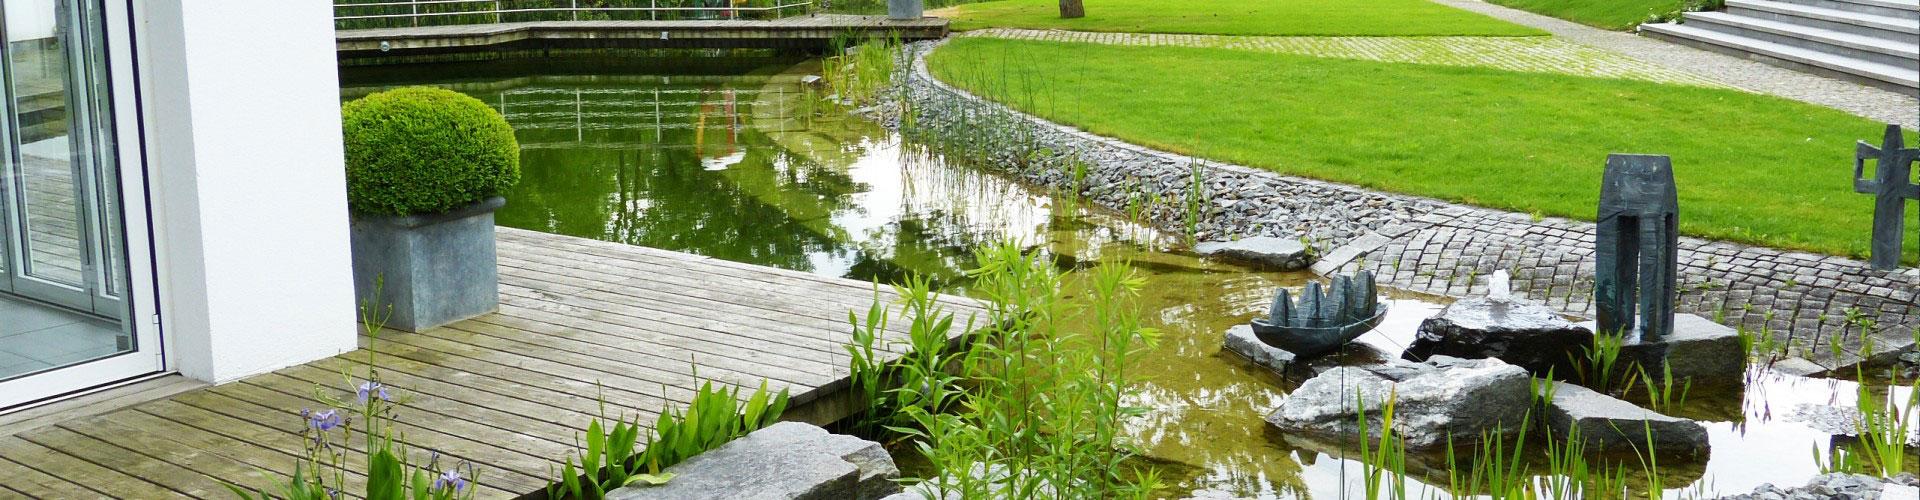 Garten Und Landschaftsarchitekt M W D Karriere Garten Moser